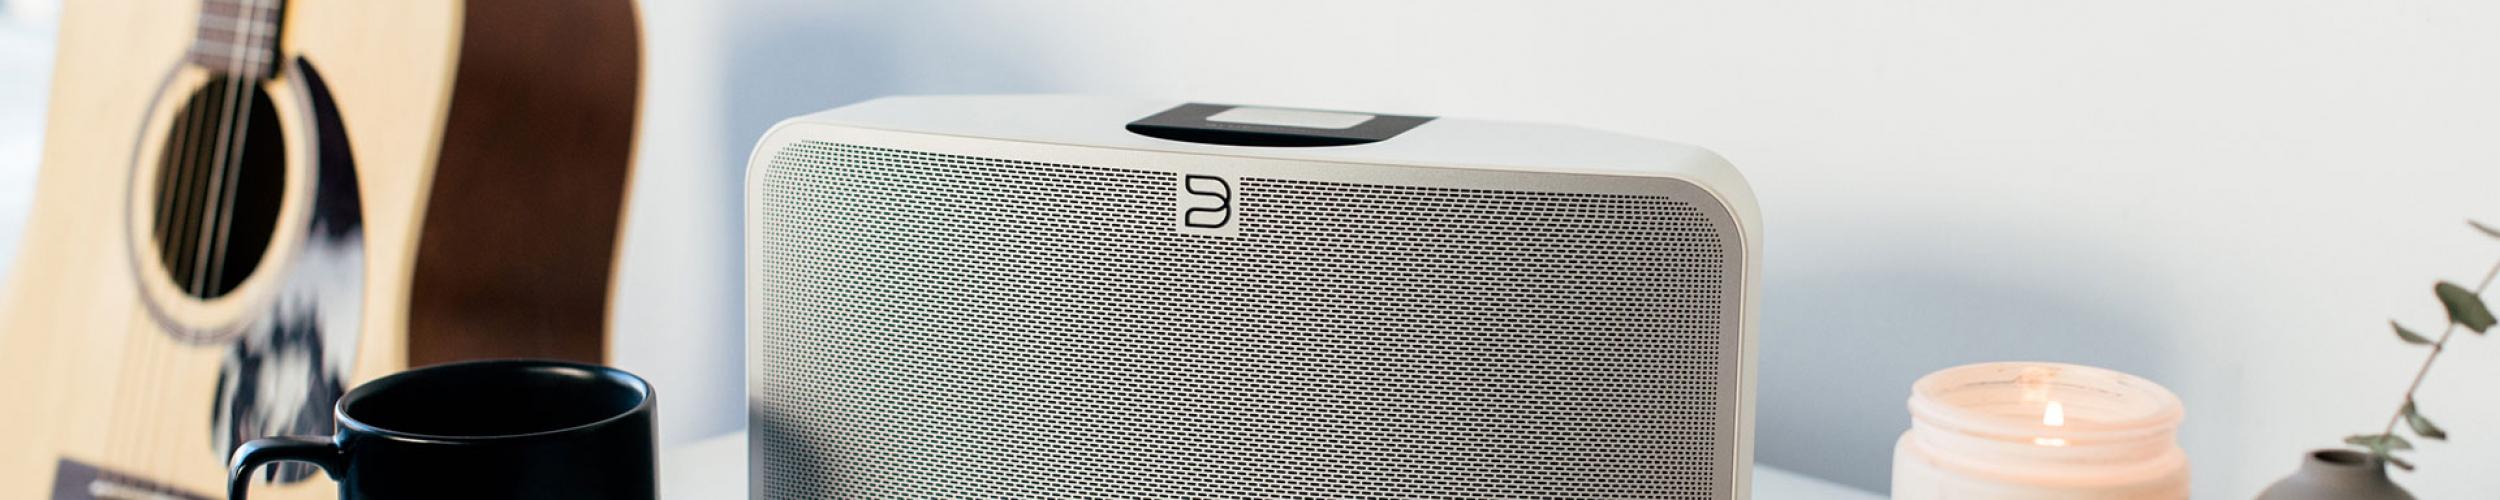 BluesoundBluesound : streaming audio voor alle situaties